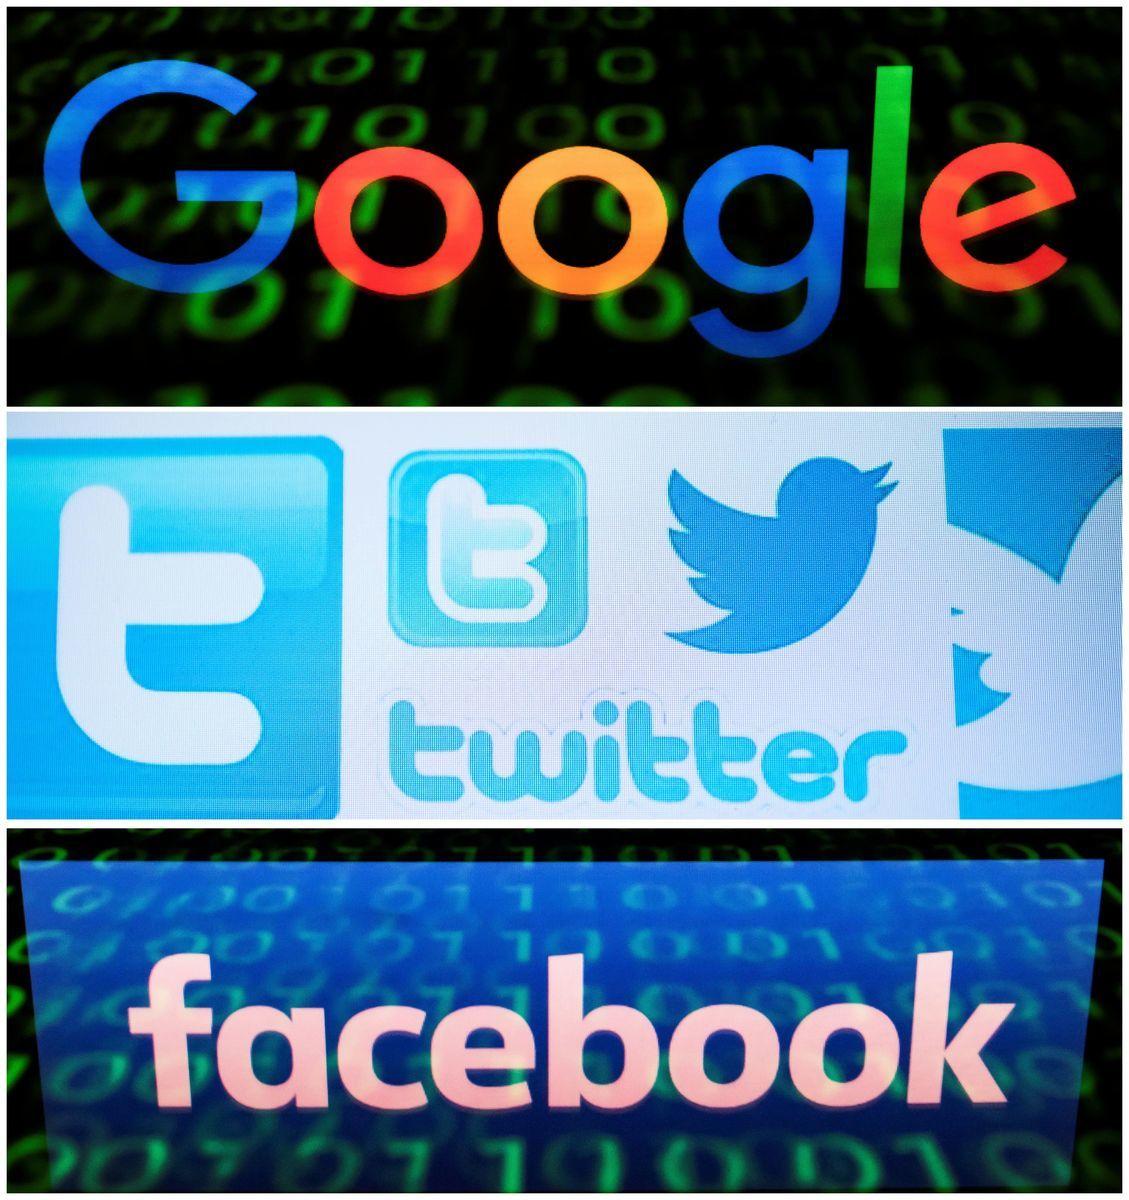 推特、面書、YouTube等社群媒體被指在審查用戶的言論和資料。(LIONEL BONAVENTURE,NICOLAS ASFOURI/AFP via Getty Images)